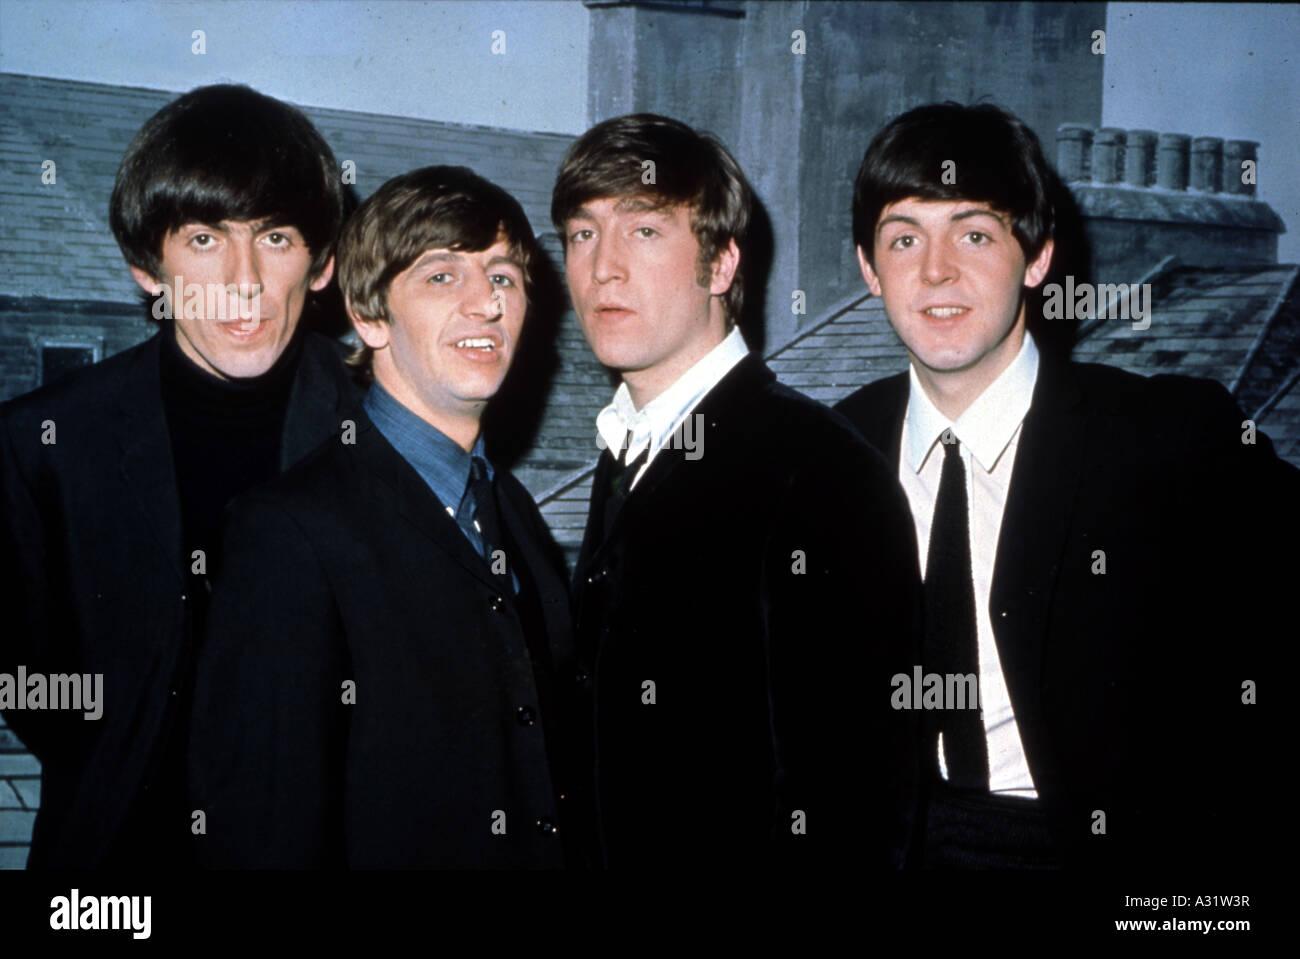 BEATLES in 1964 from left George Harrison, Ringo Starr, John Lennon and Paul McCartney - Stock Image